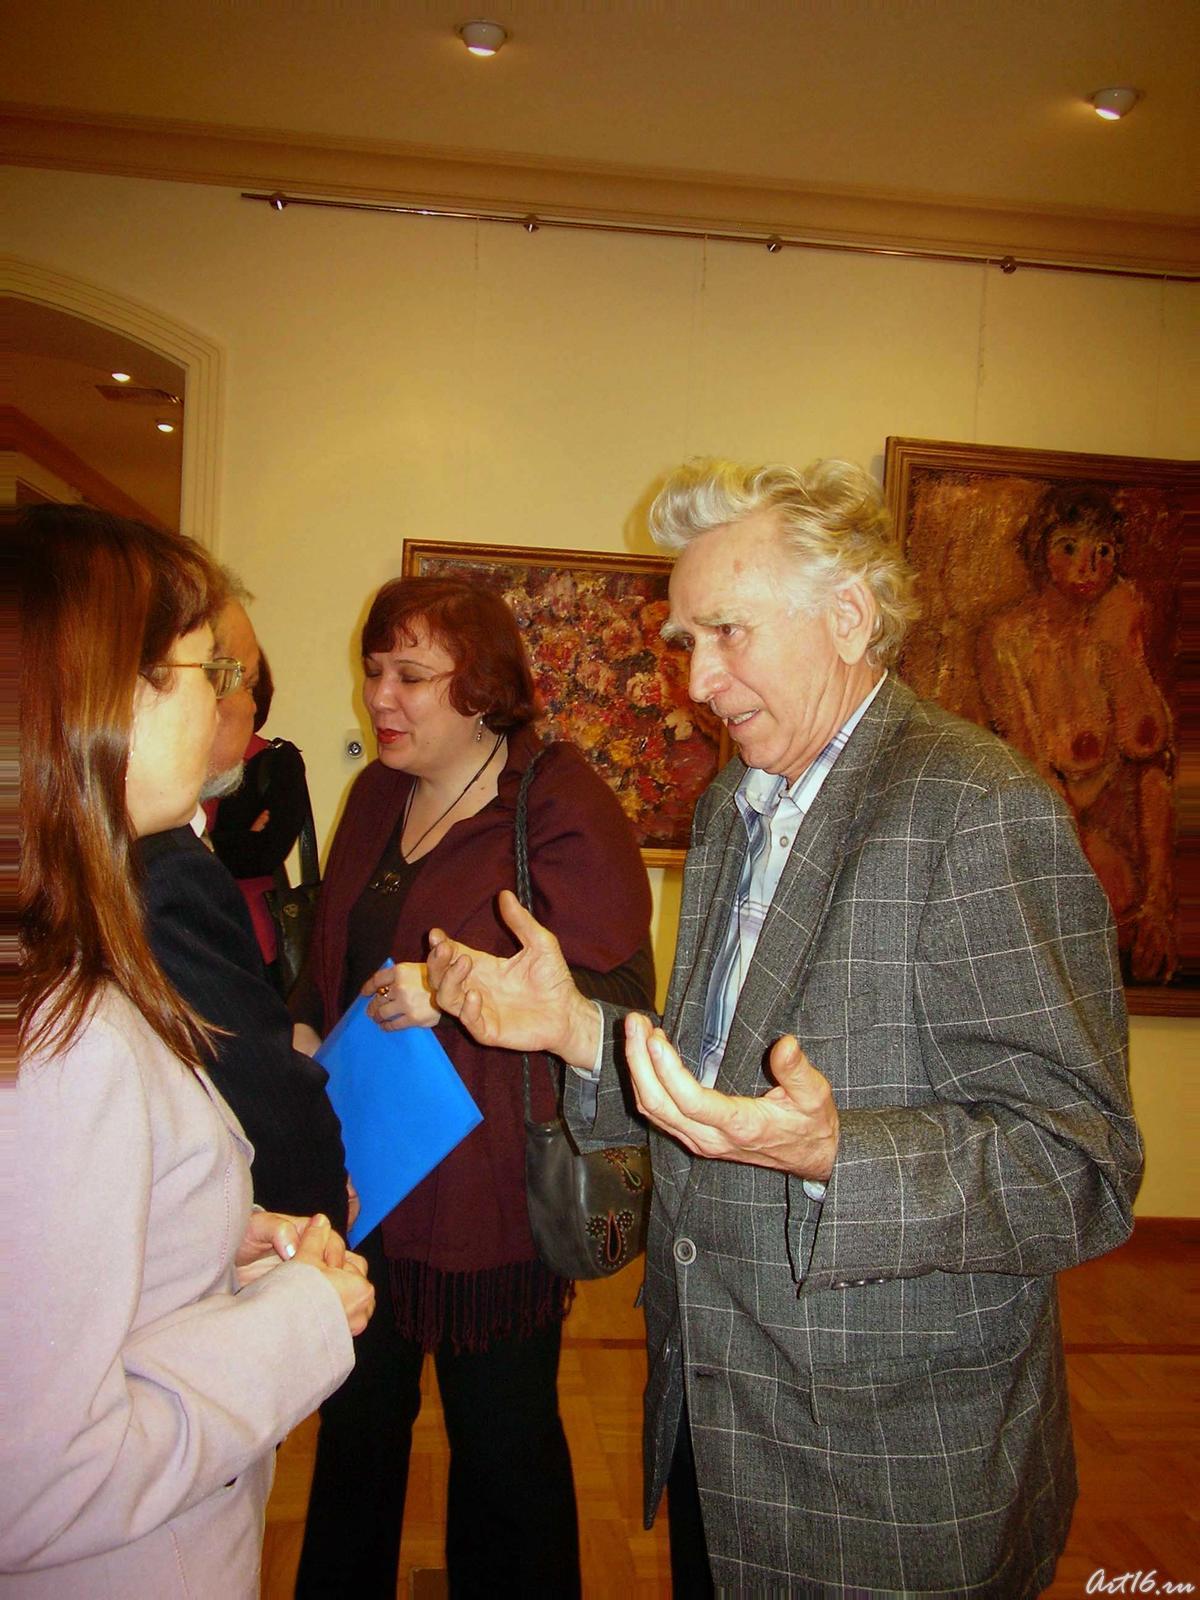 Фото №4155. Д. Валеева и К. Нафиков